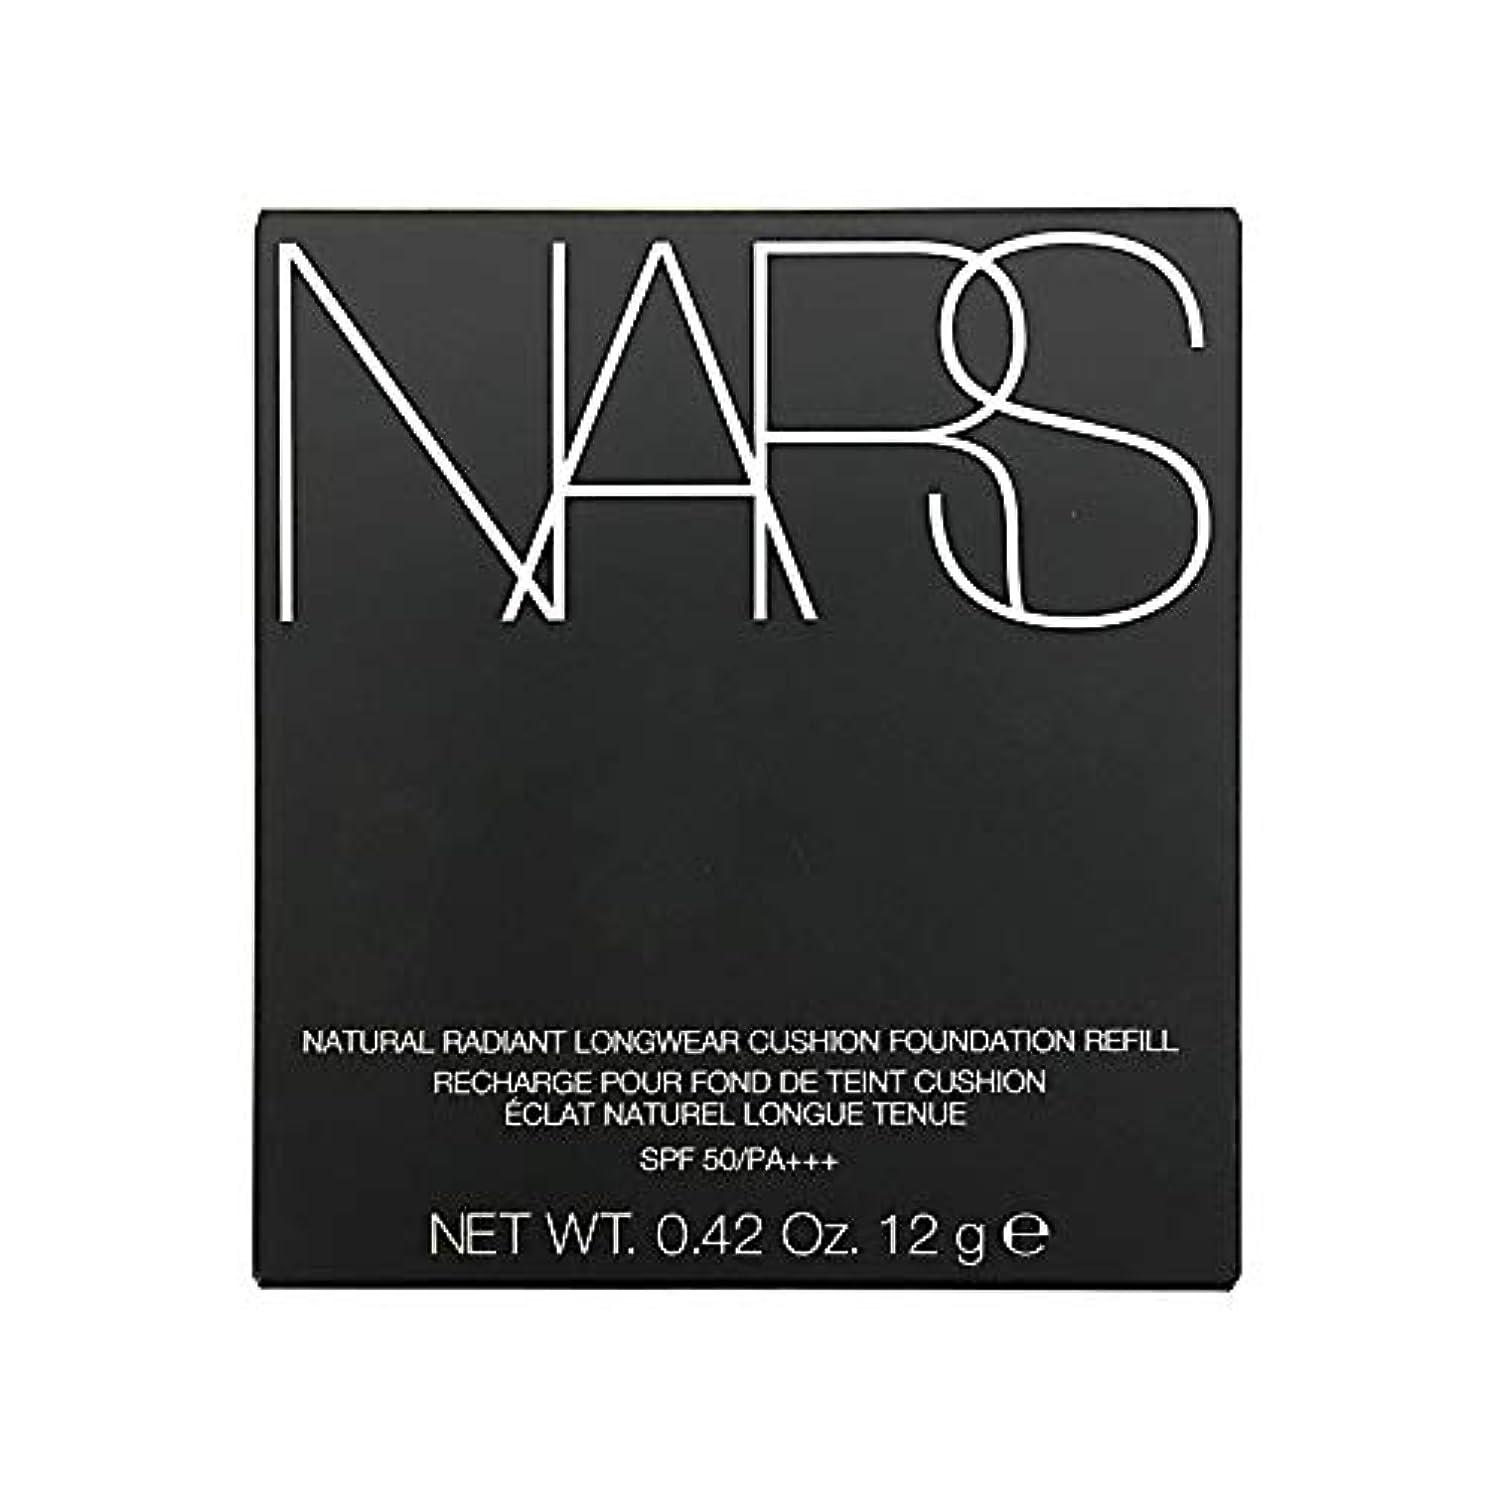 メルボルン把握信念ナーズ/NARS ナチュラルラディアント ロングウェア クッションファンデーション(レフィル)#5880[ クッションファンデ ] [並行輸入品]